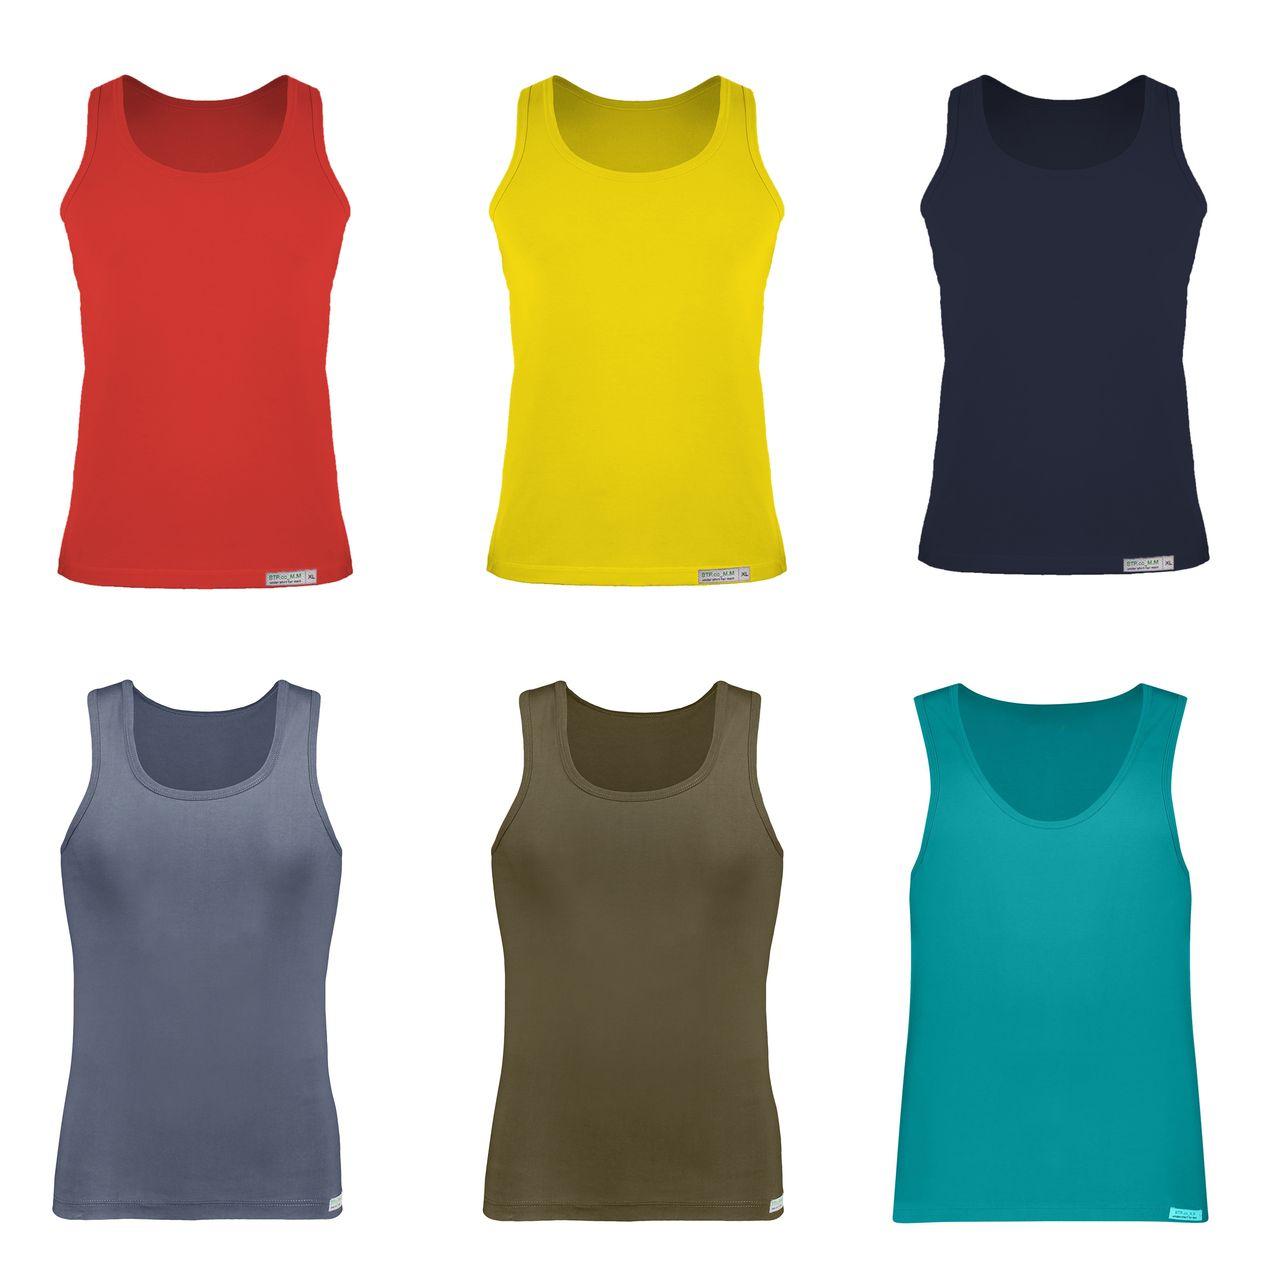 زیرپوش مردانه برهان تن پوش مدل 01-R-6 مجموعه 6 عددی